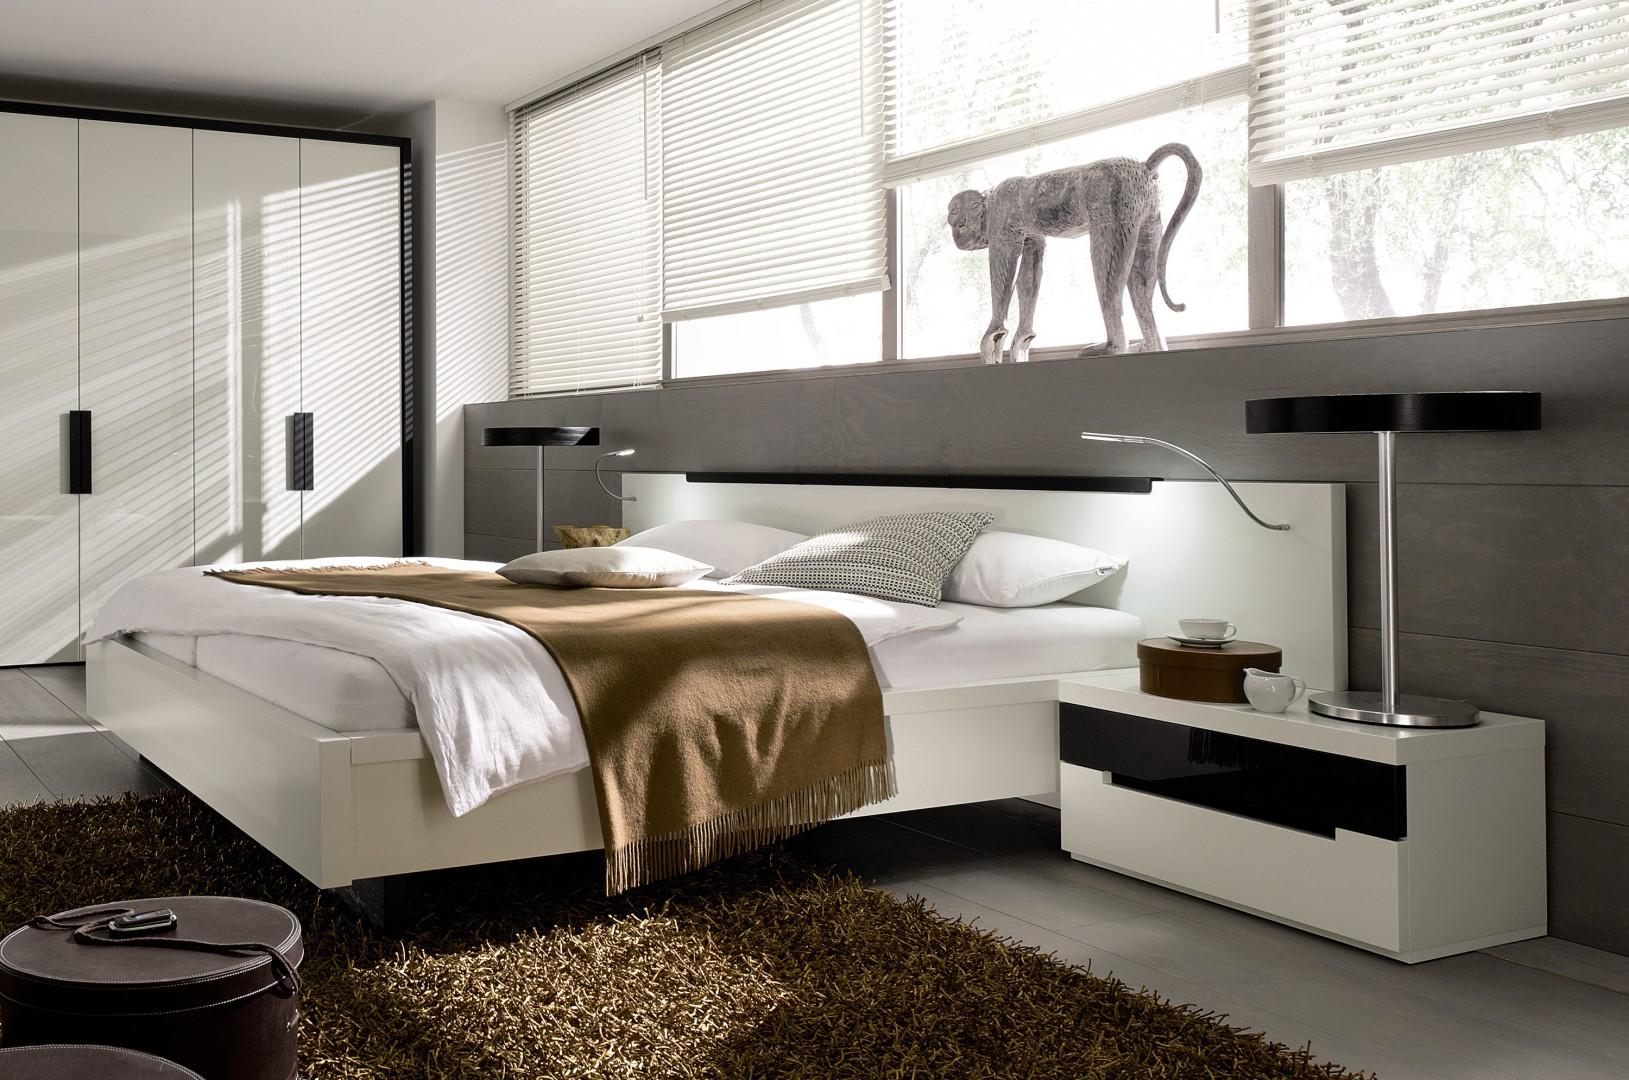 Szafka nocna to bardzo praktyczny mebel, który powinien się znaleźć w każdej sypialni. Fot. Huelsta